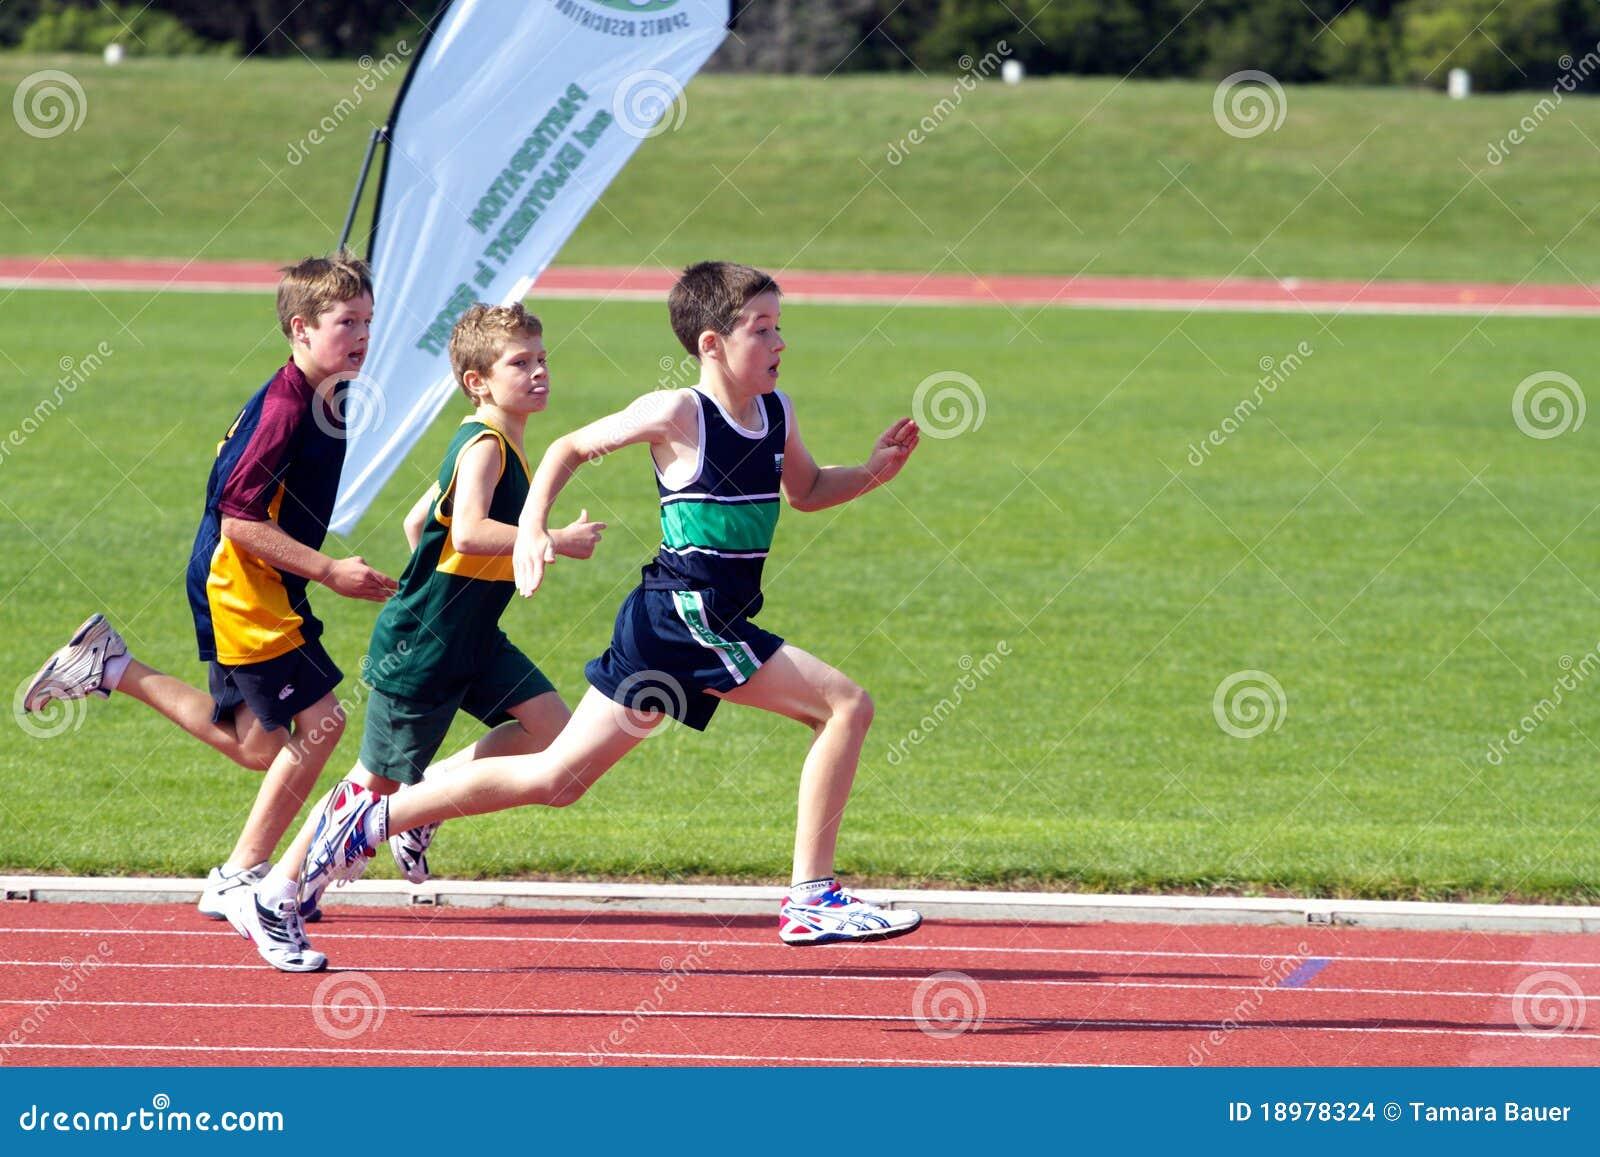 Boys in sports race